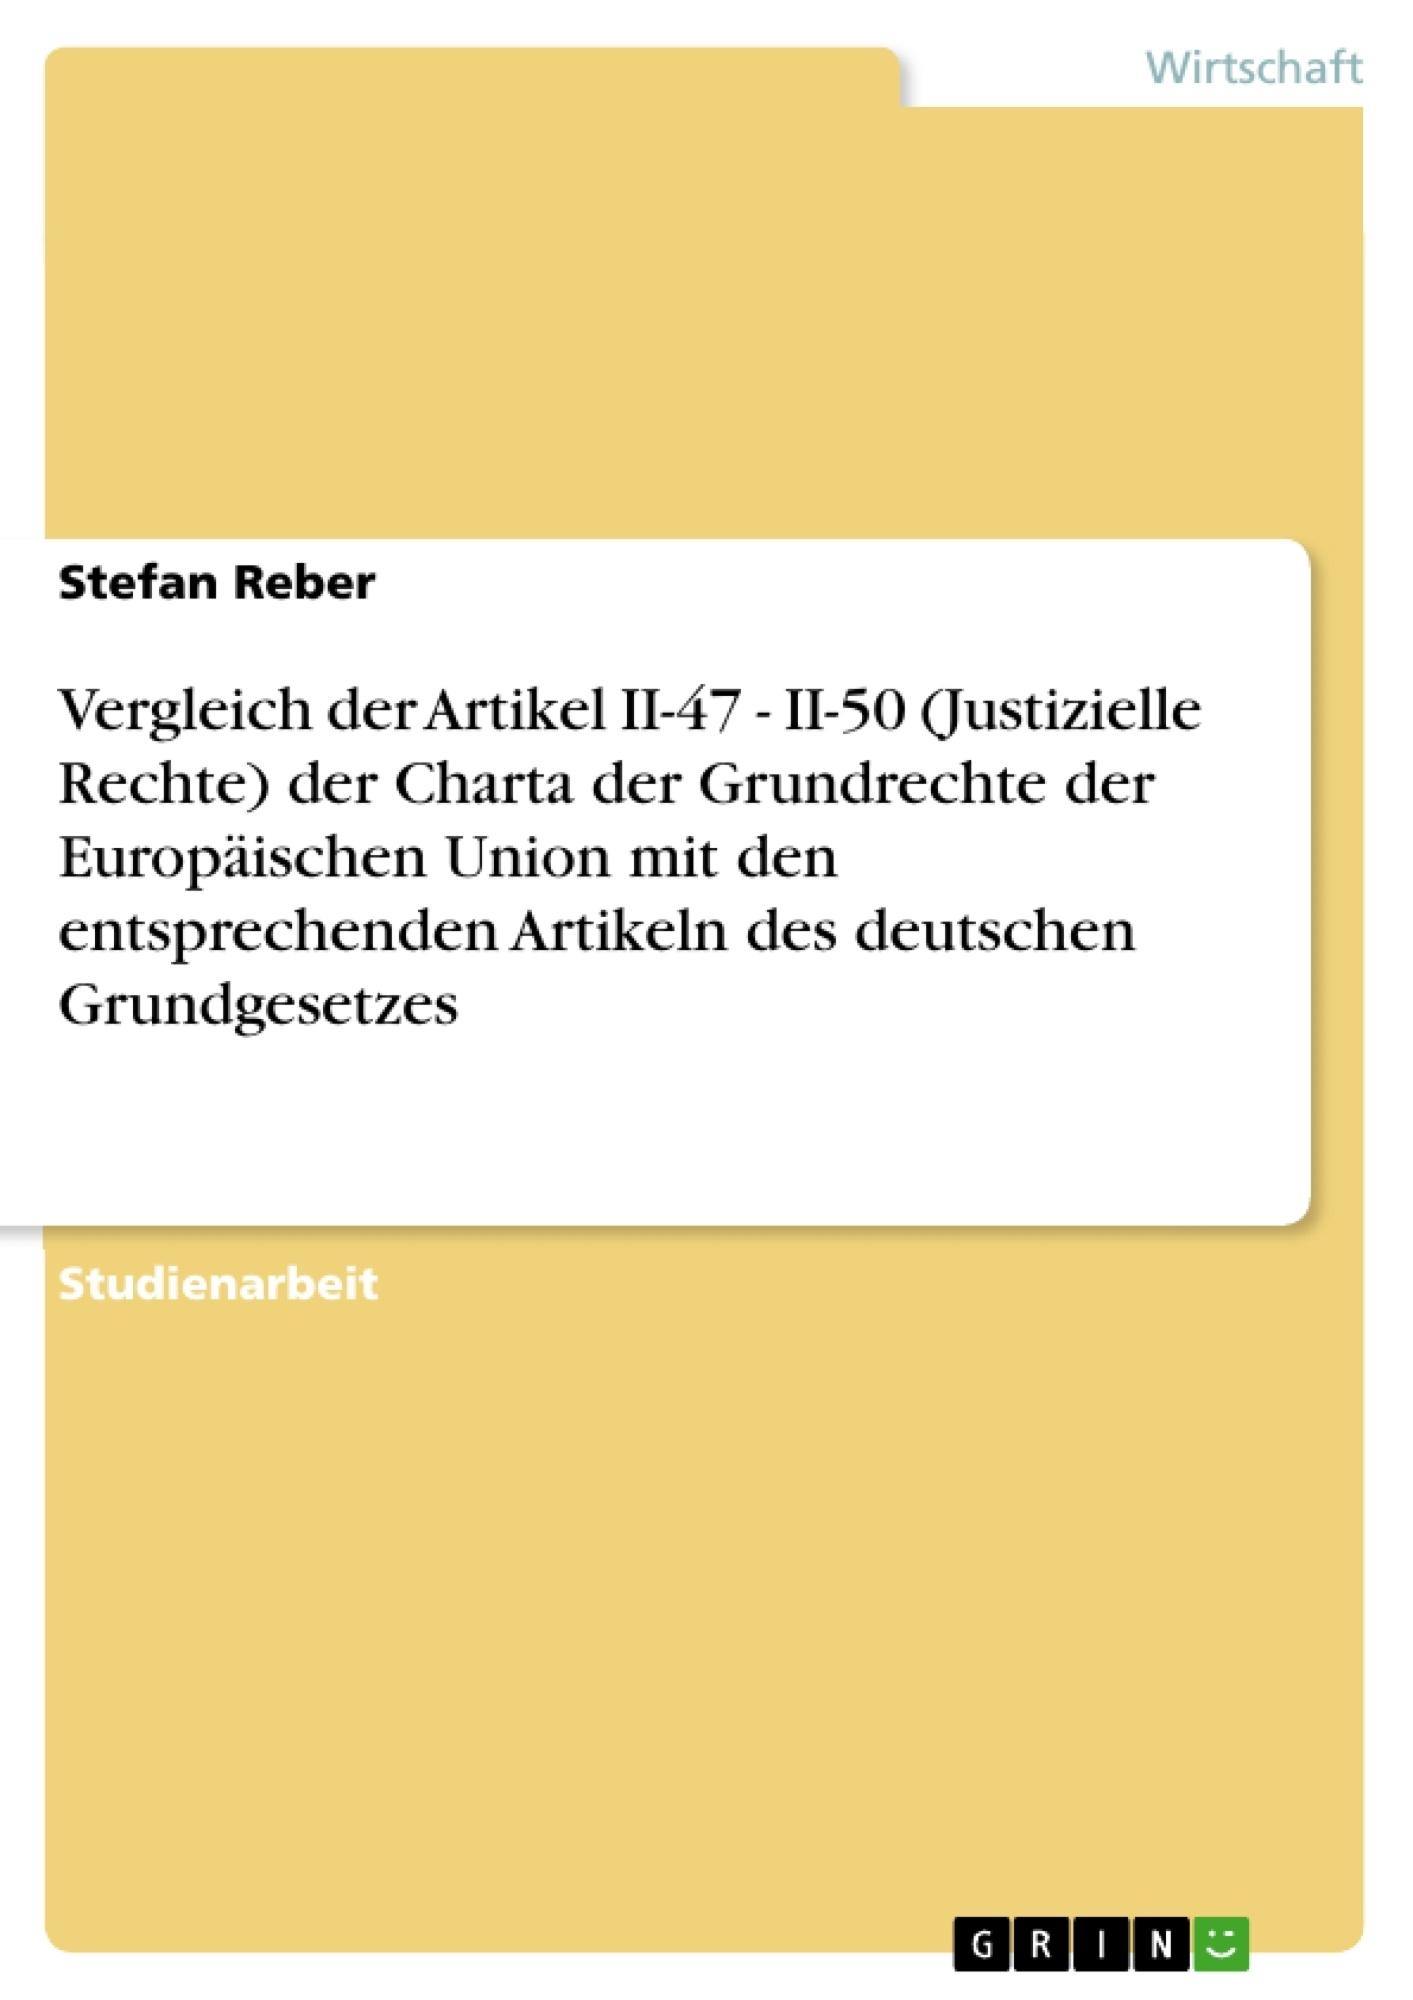 Titel: Vergleich der Artikel II-47 - II-50 (Justizielle Rechte) der Charta der Grundrechte der Europäischen Union mit den entsprechenden Artikeln des deutschen Grundgesetzes